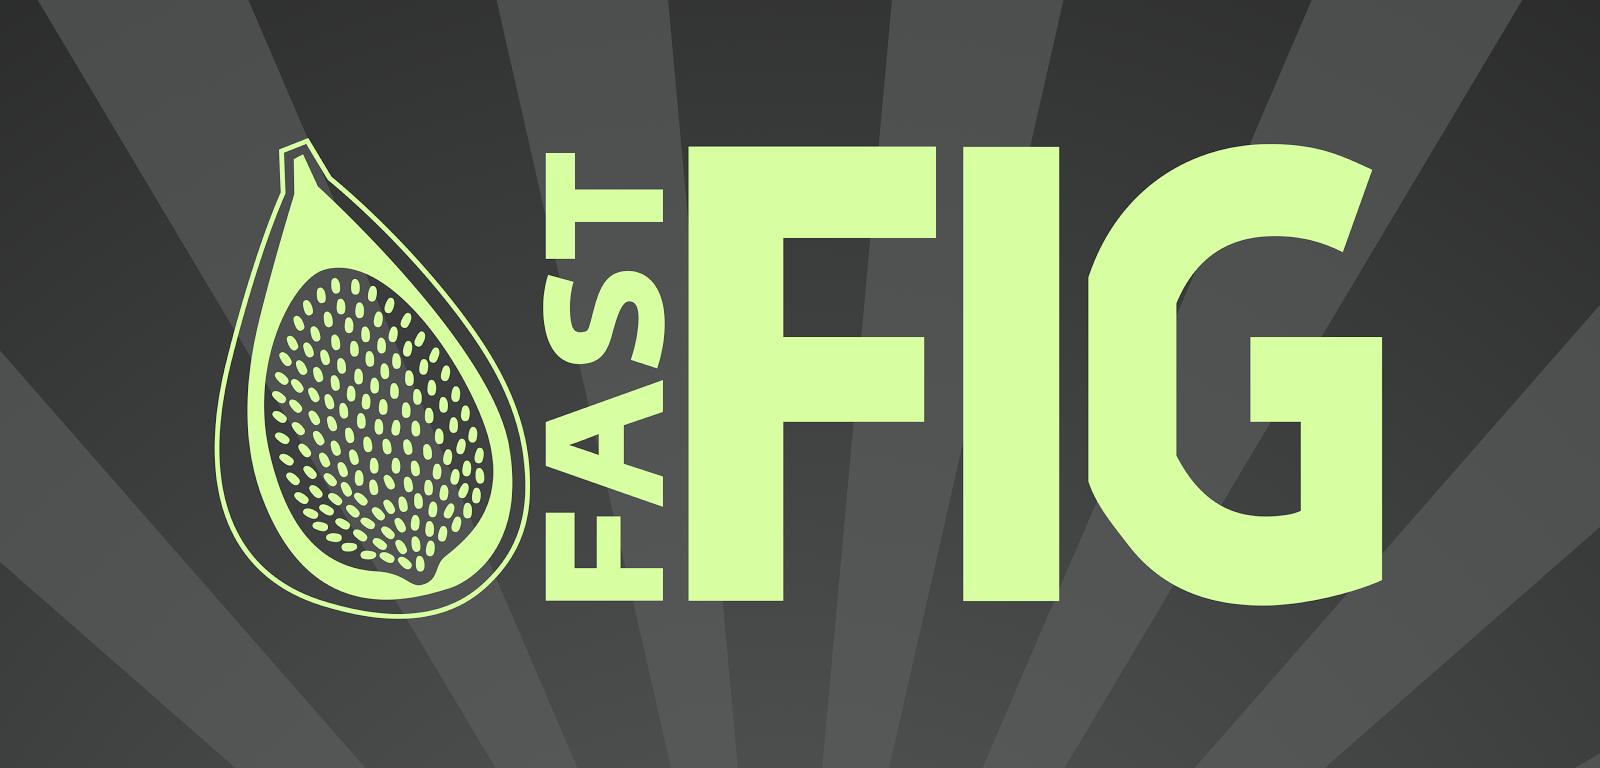 FastFig